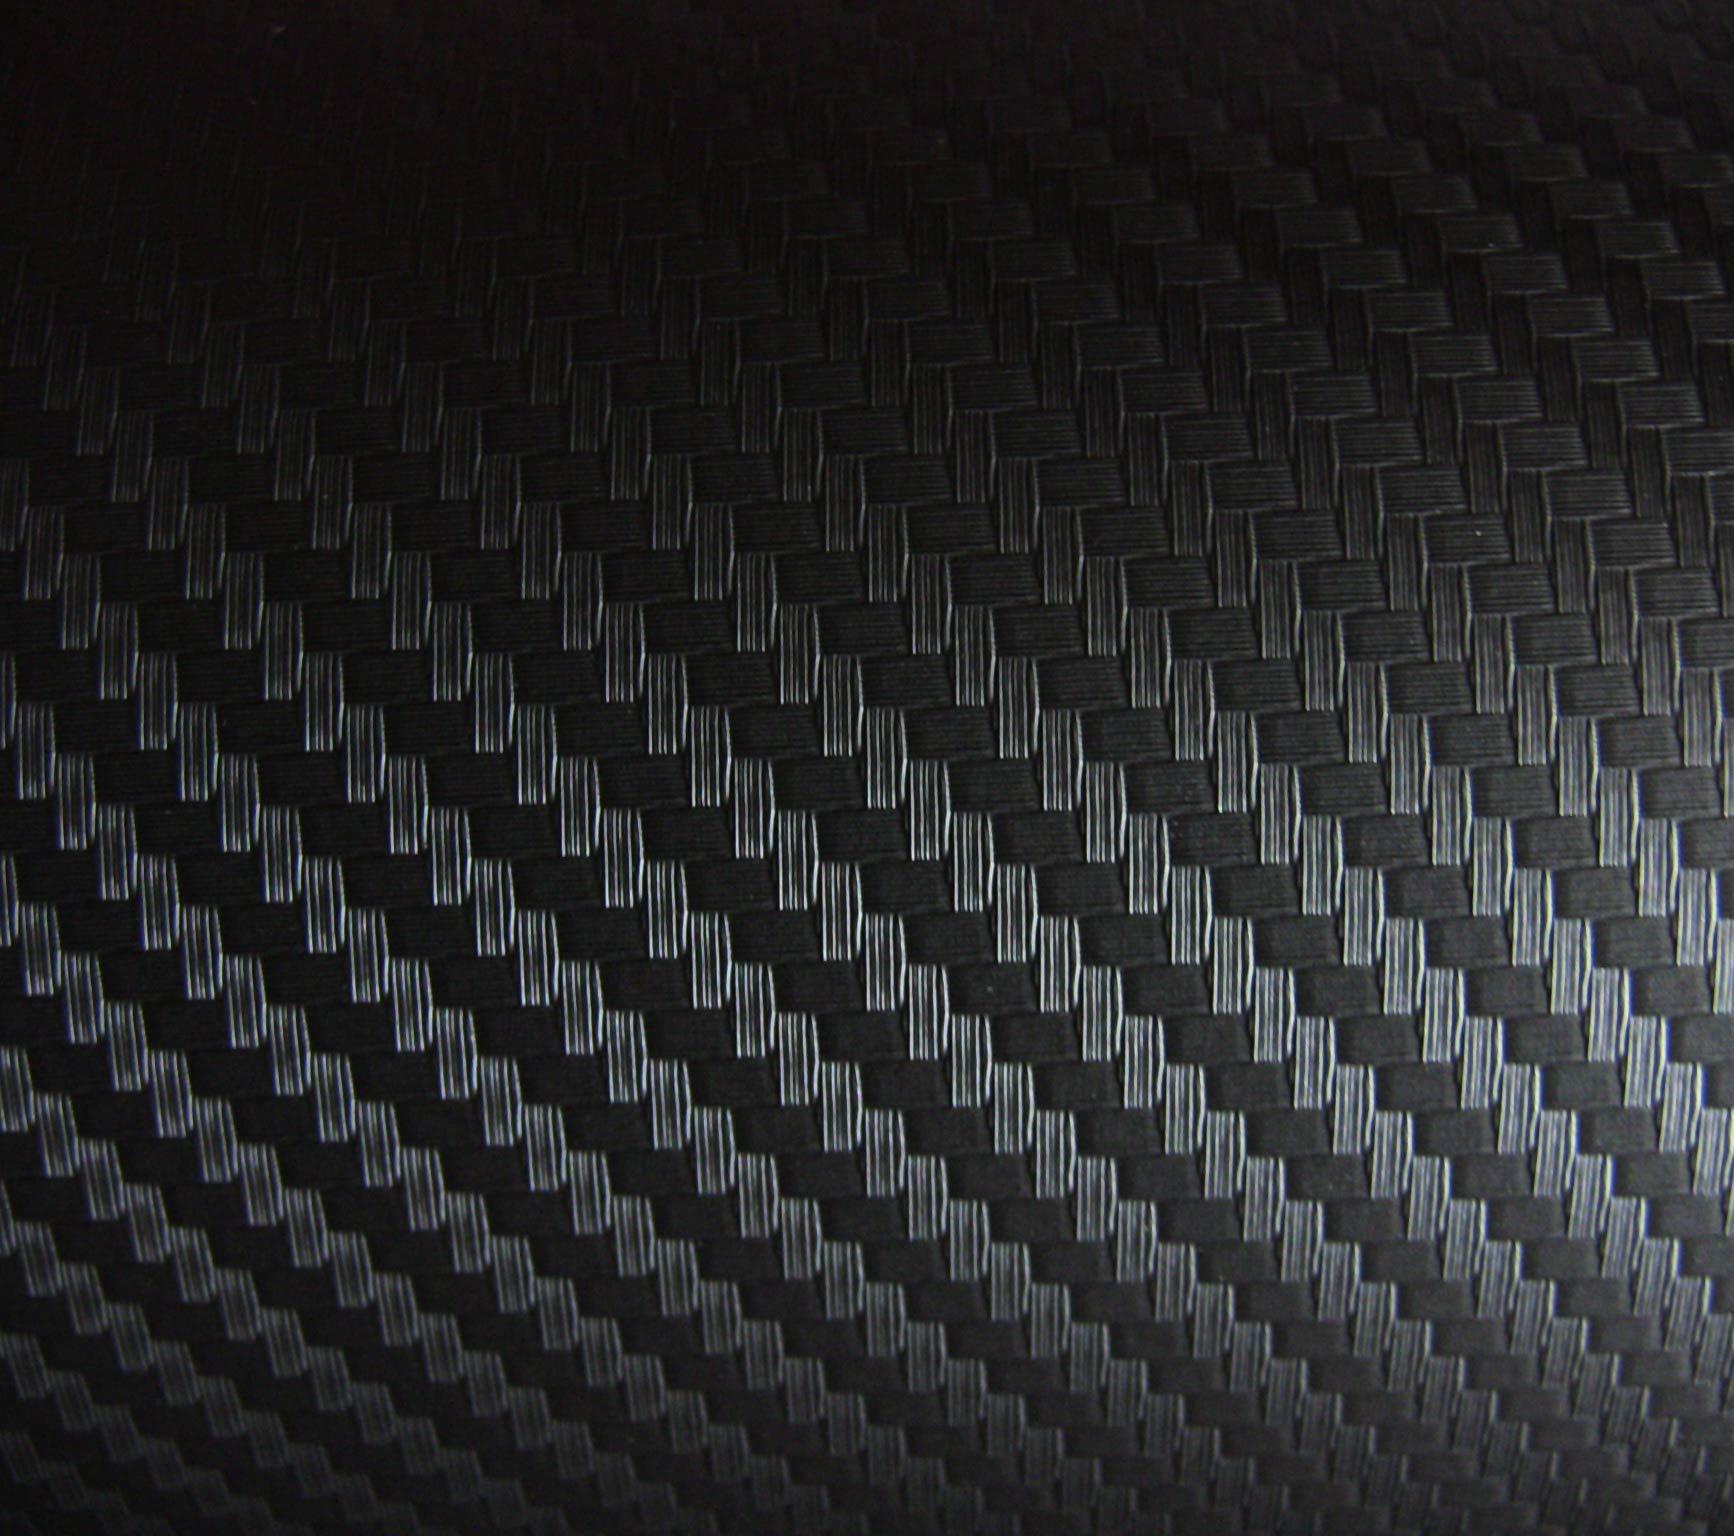 Carbon Fibre Wallpaper: 29+ Carbon Fiber Textures, Patterns, Backgrounds